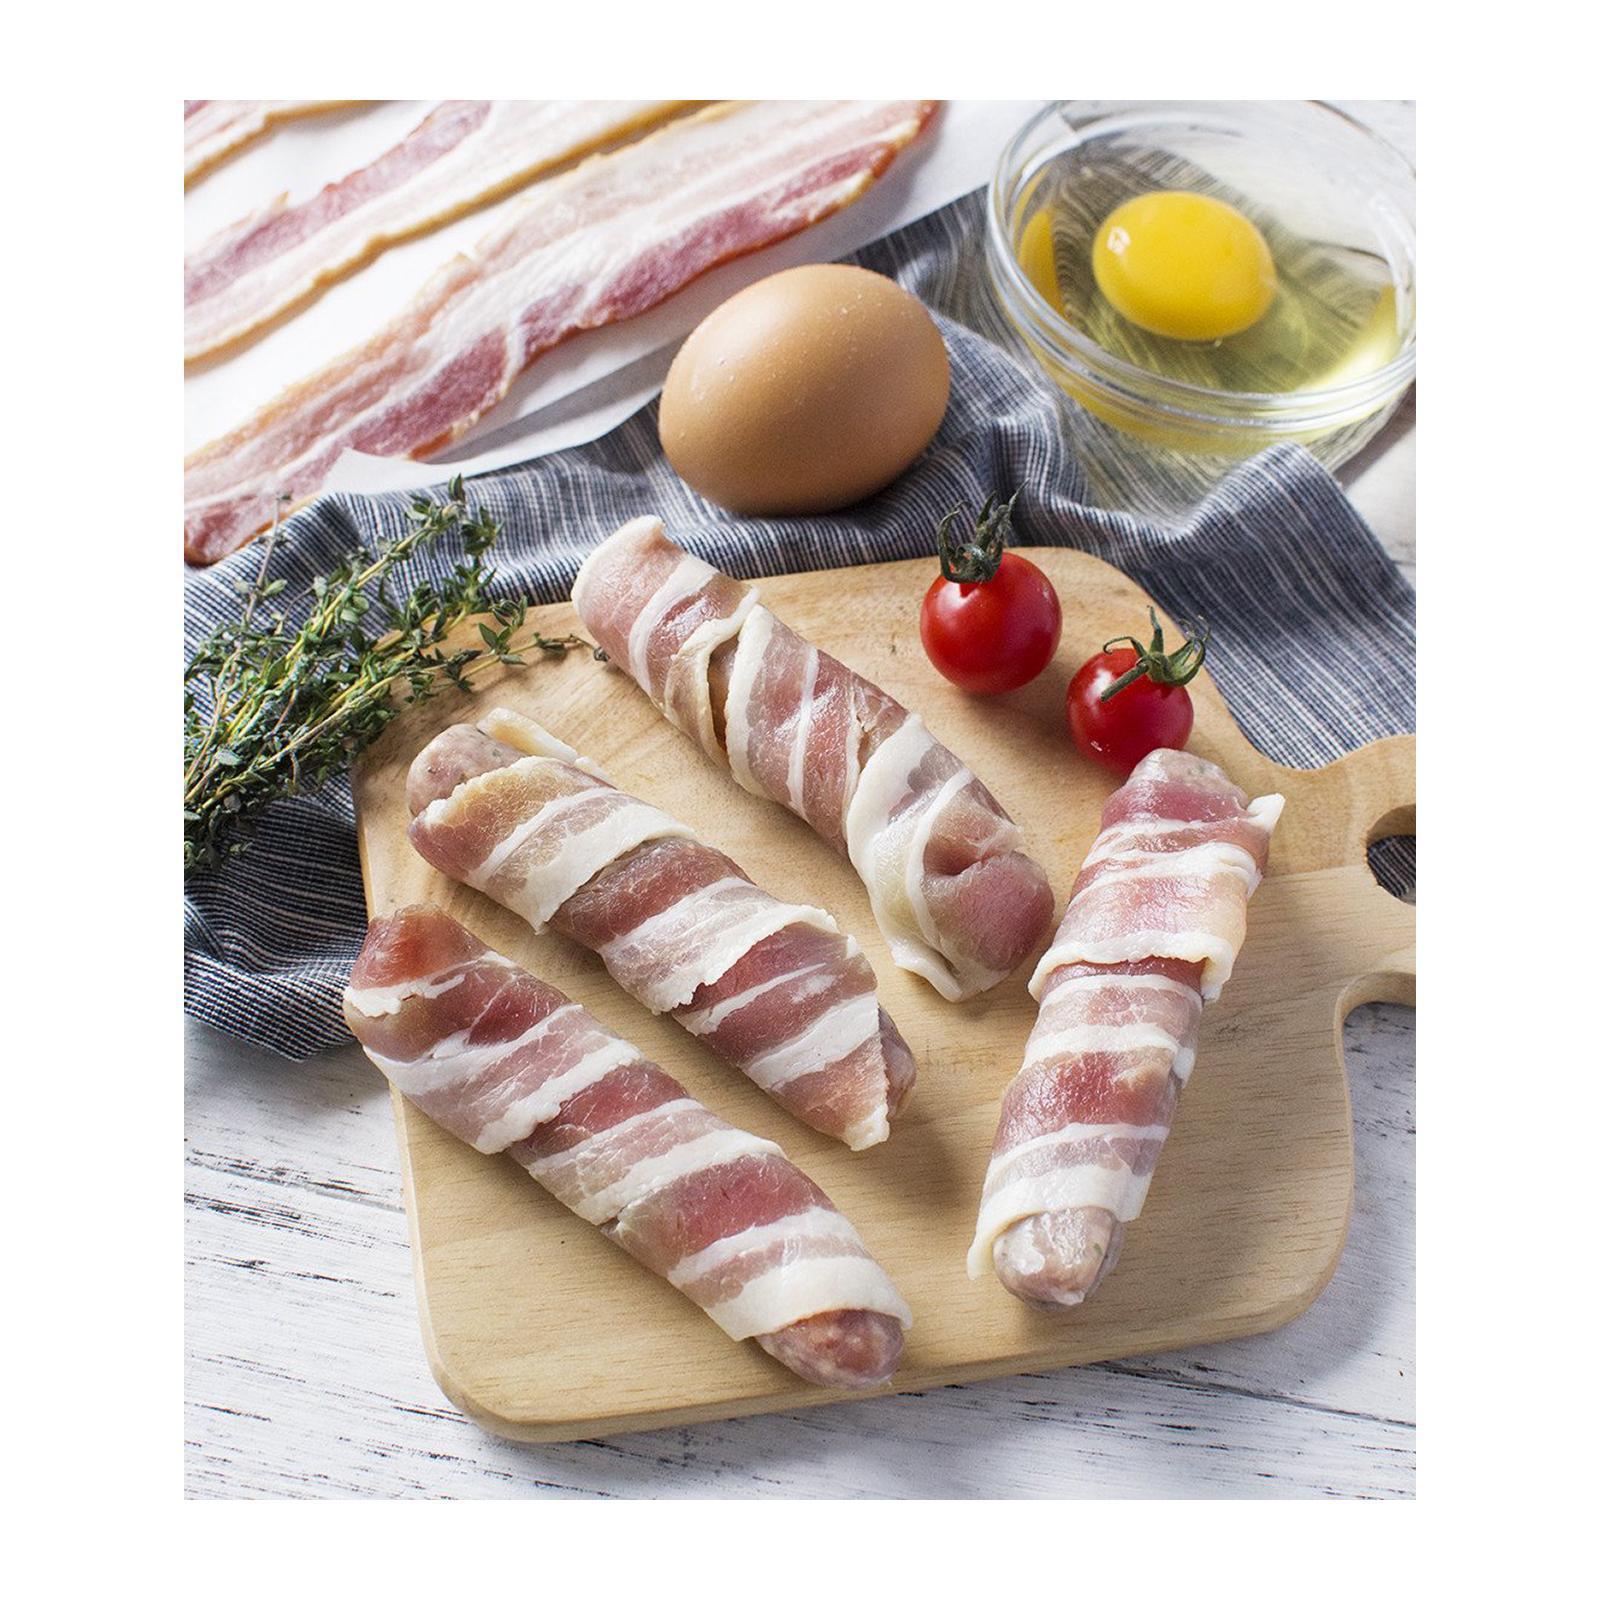 Sasha's Fine Foods Pork Chipolatas Wrapped In Smoked Steaky Bacon - Frozen